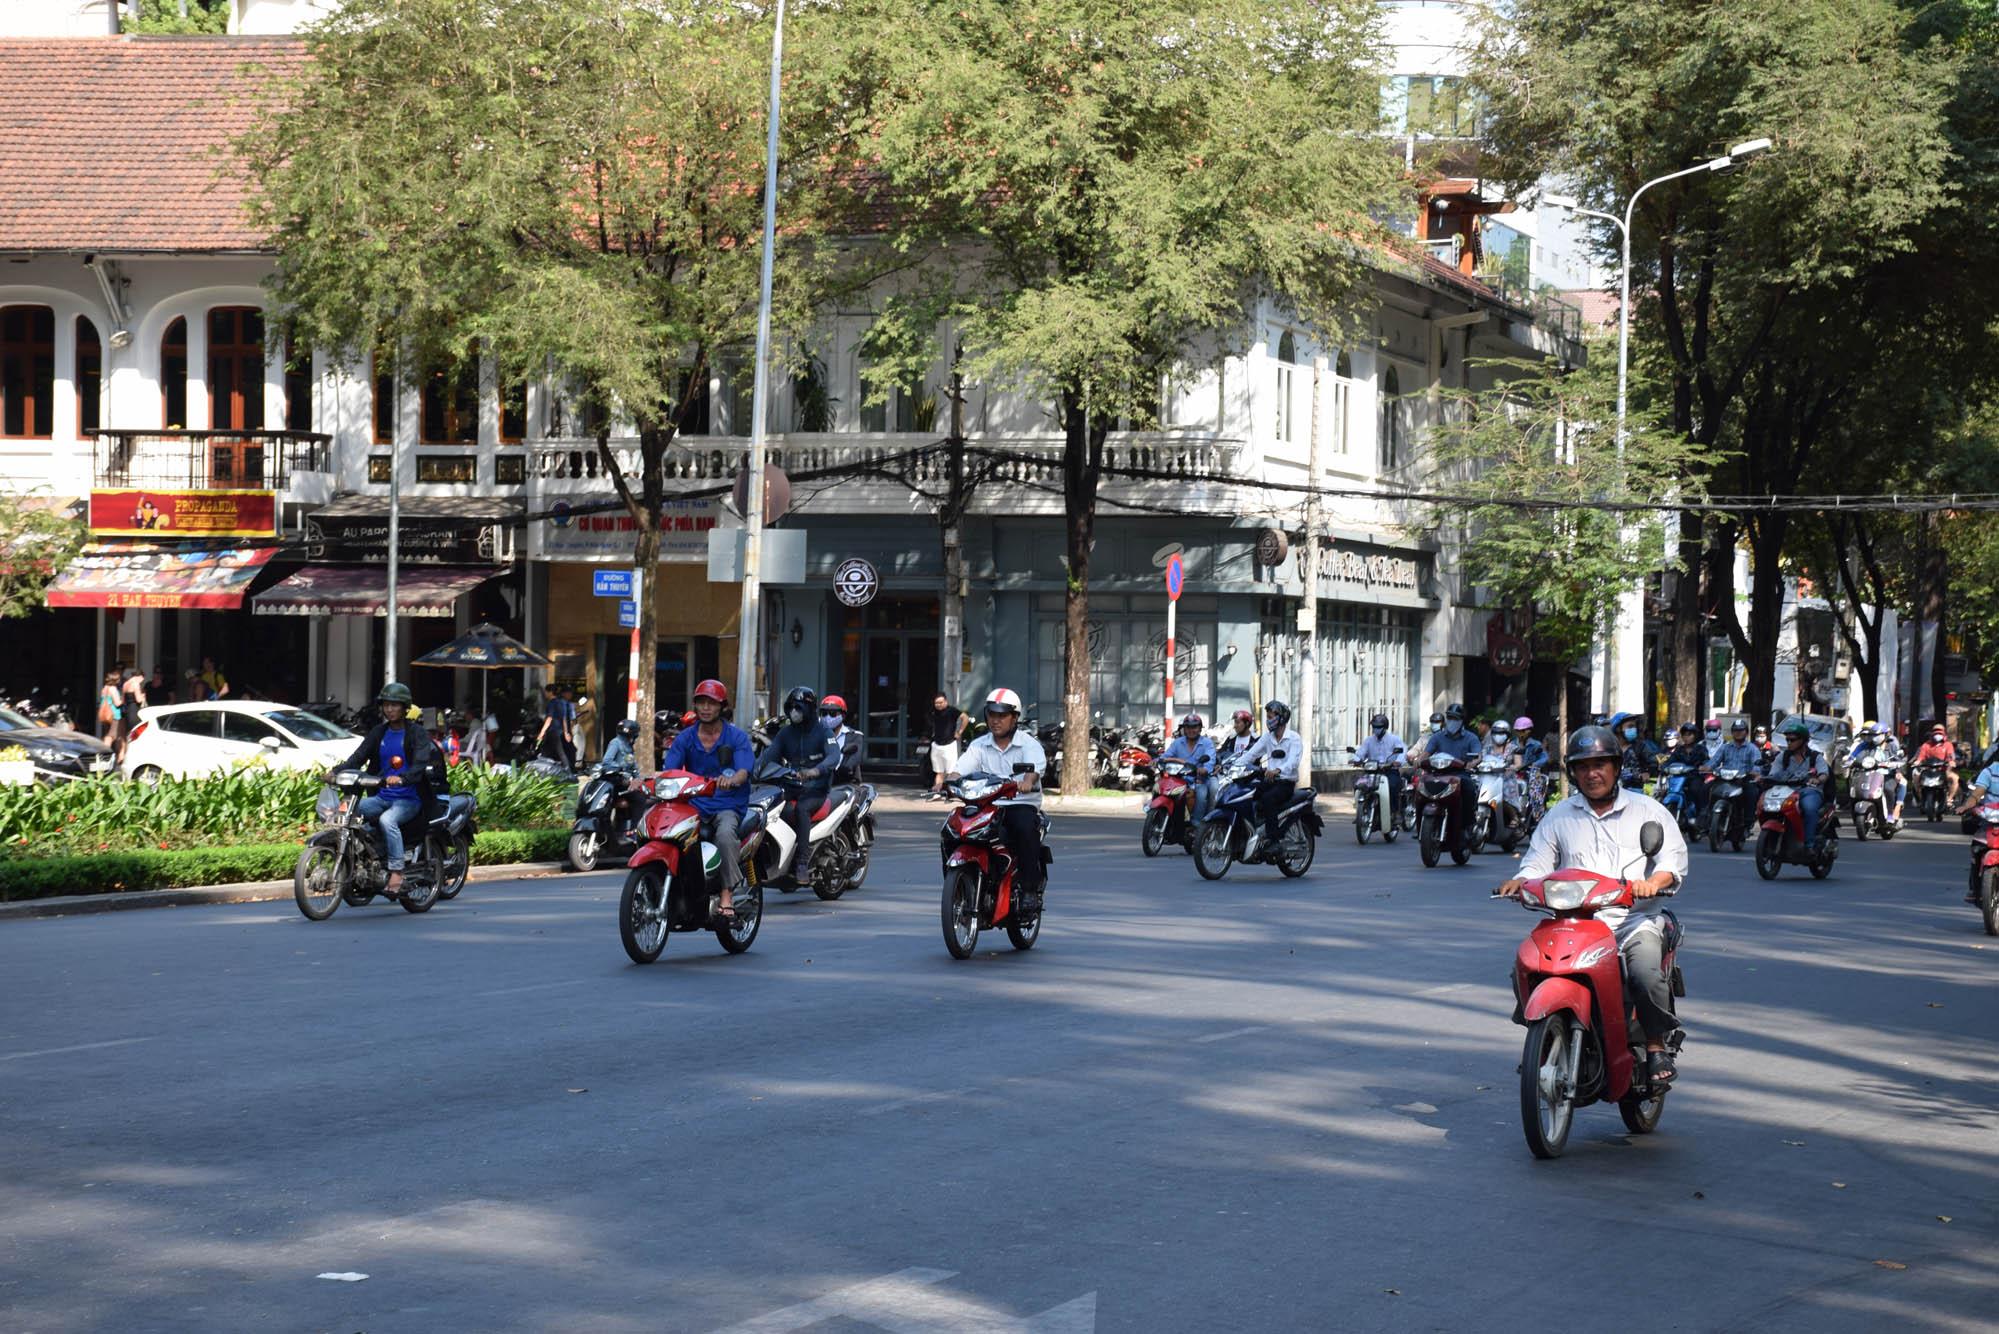 Muitas e muitas motos no trânsito de HCMC!!!